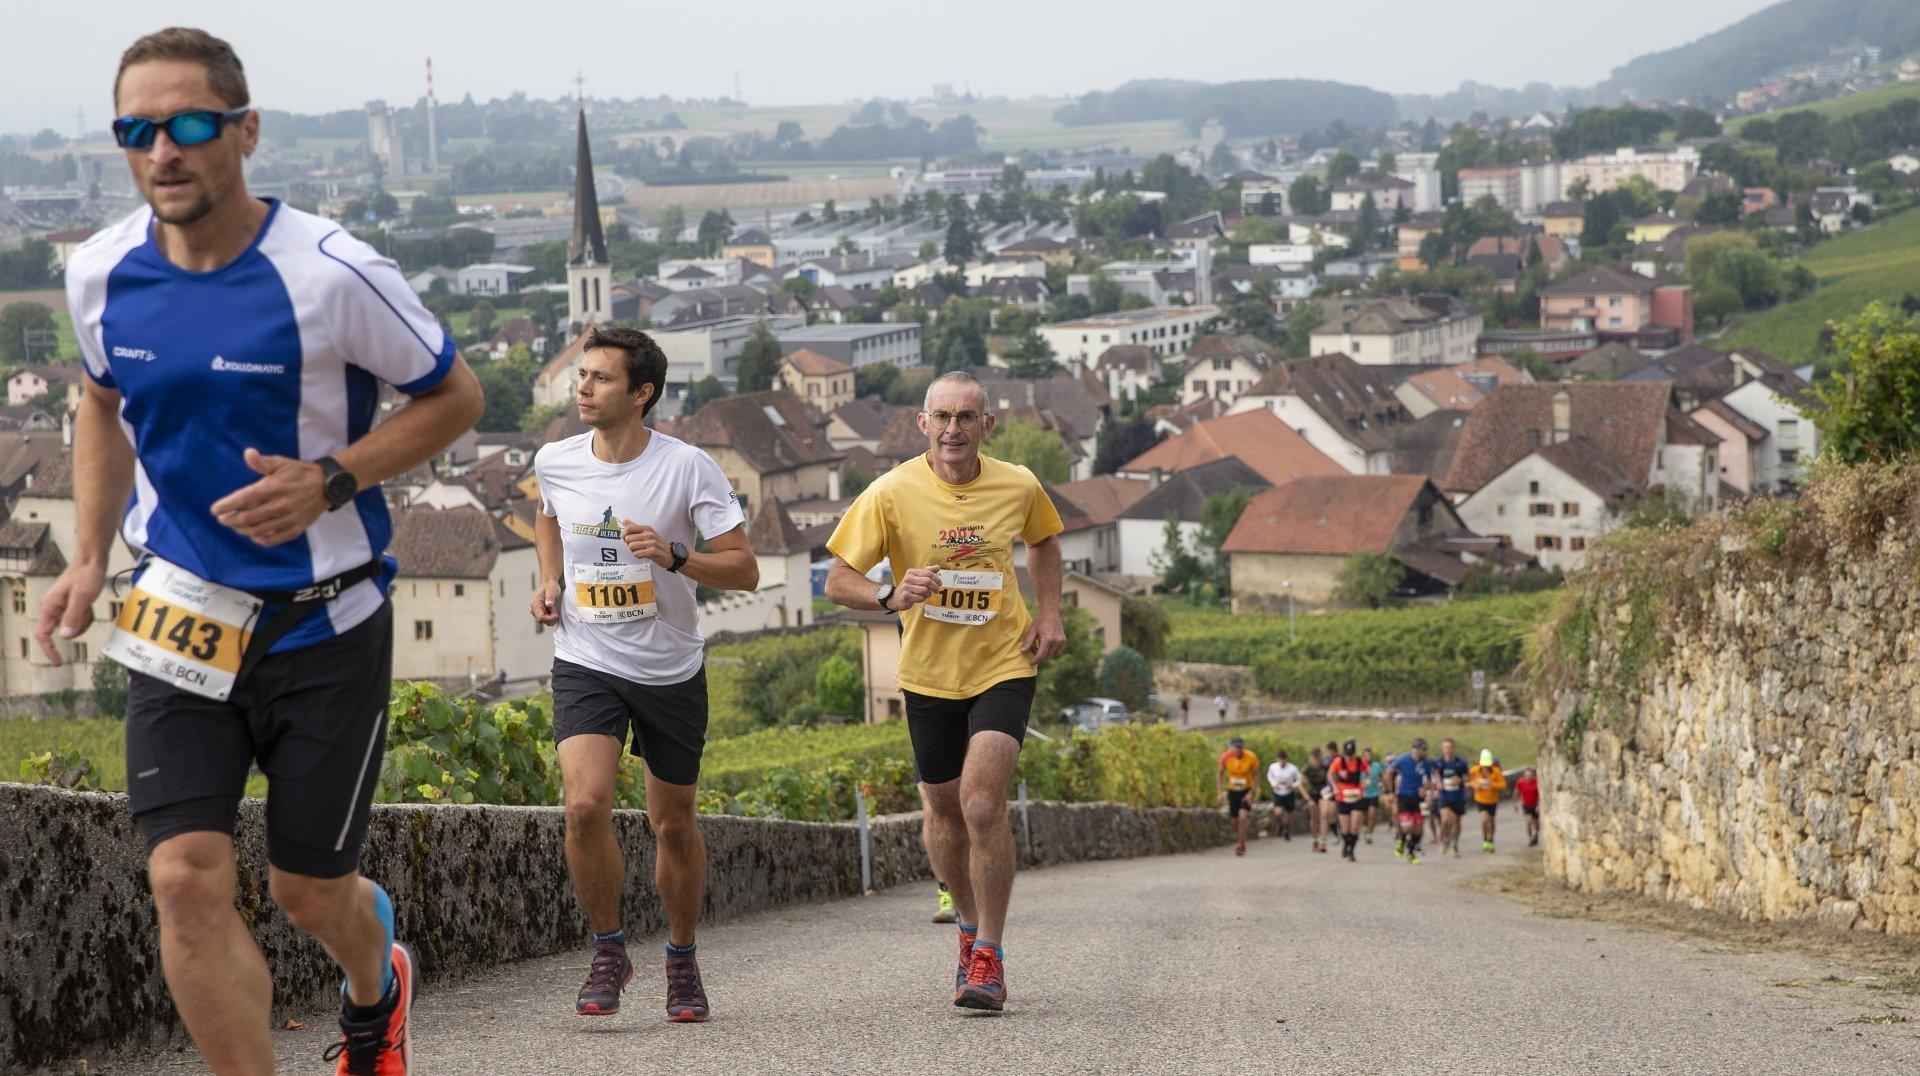 Cressier-Chaumont: Rumpf et Yerly l'emportent sur le trail